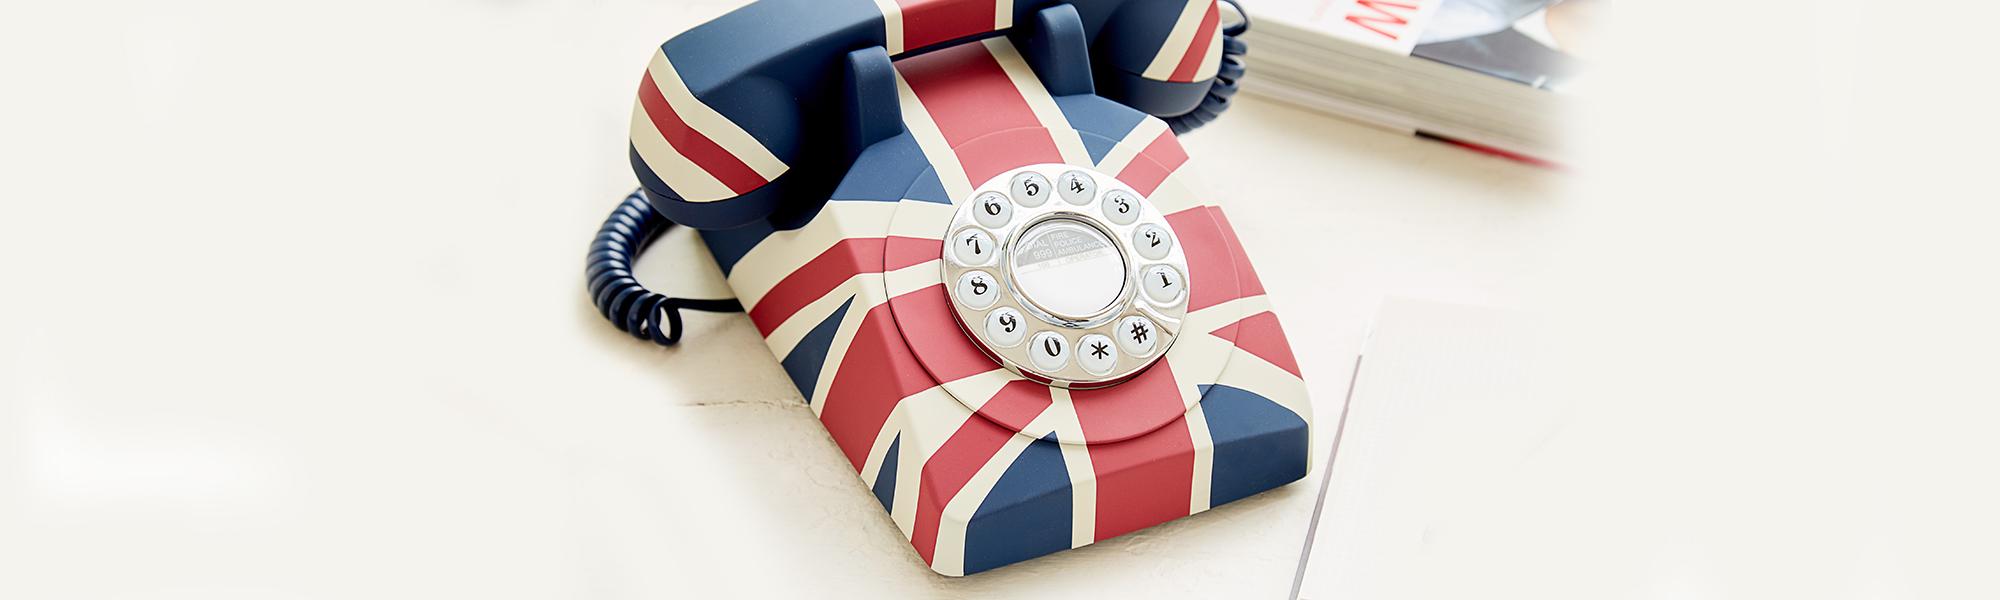 Union Jack Telephone | Touch Tone Phone | Union Jack Phones